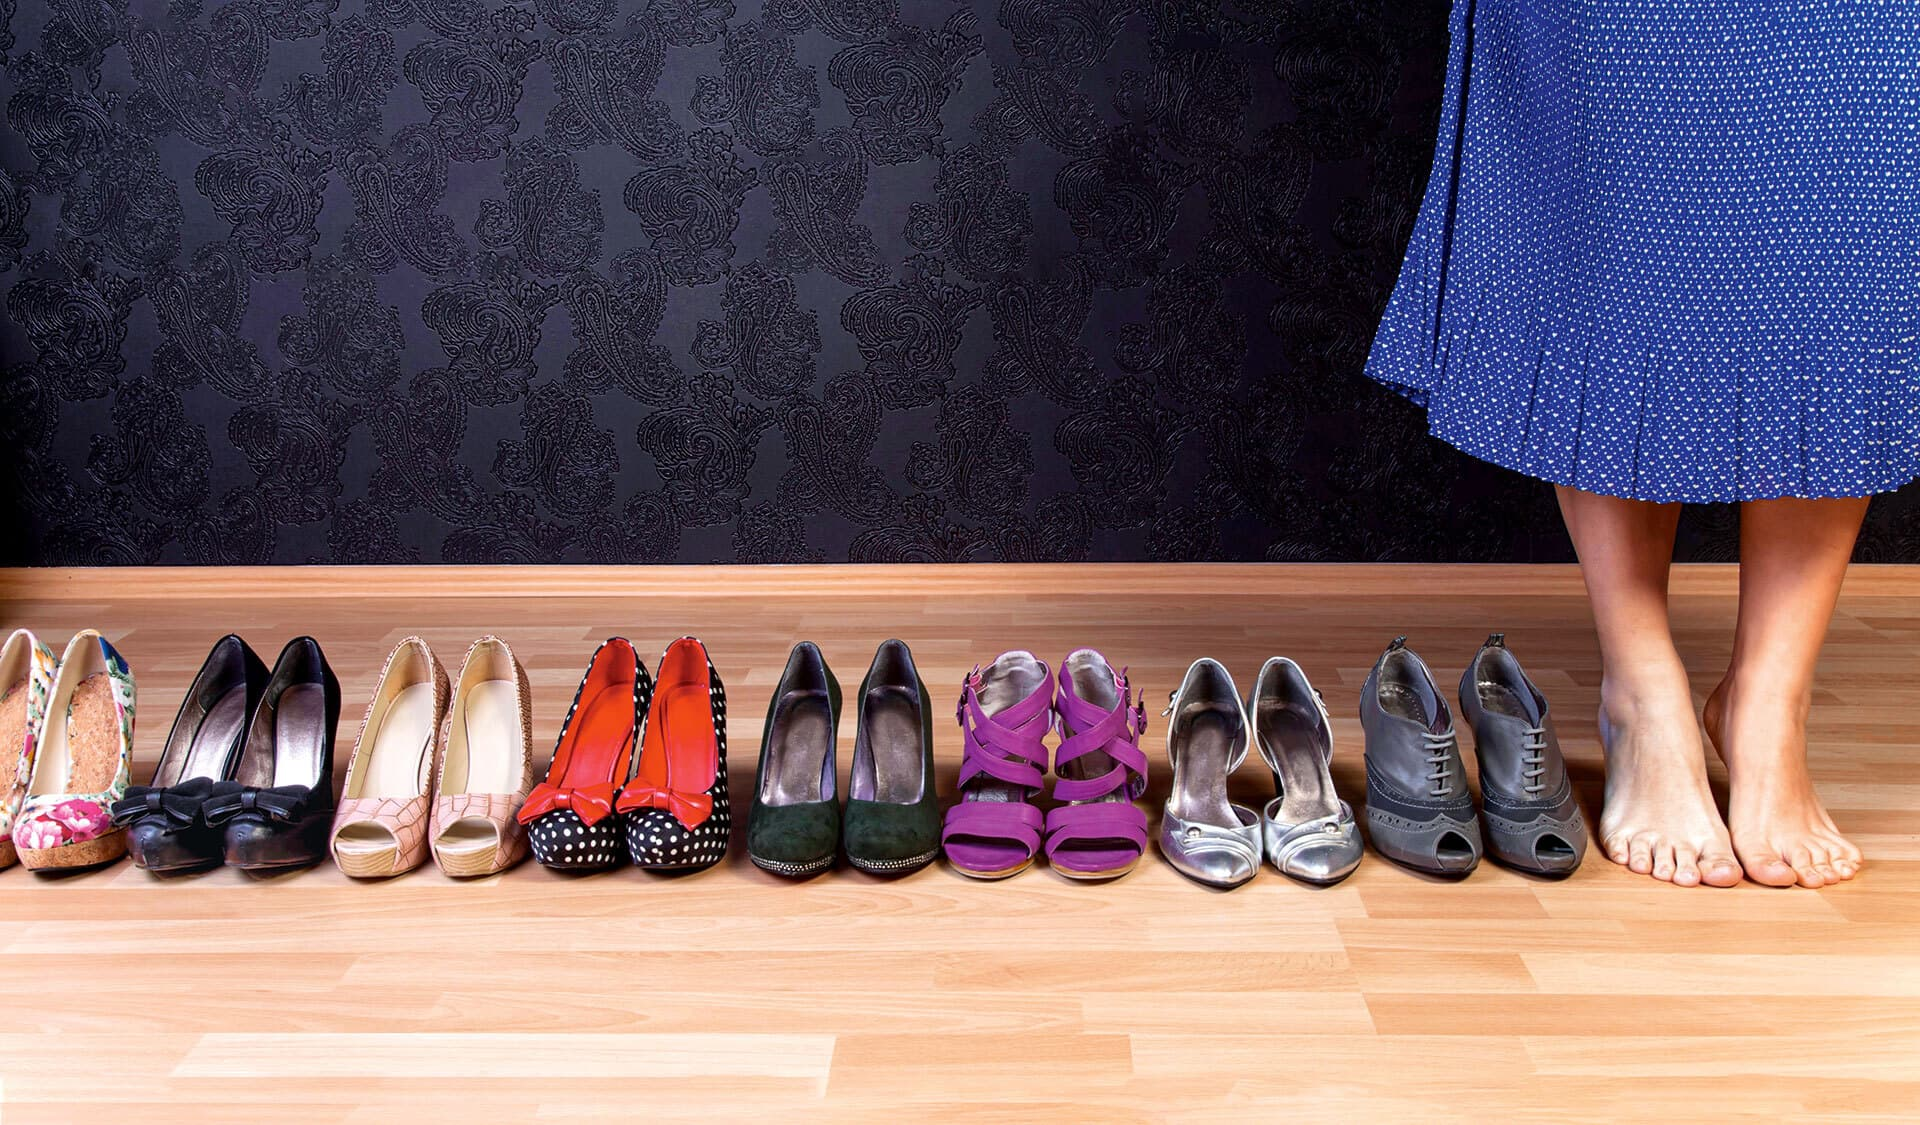 Ein paar nackte Frauenfüße und sehr viele Paar Schuhe in einer Reihe.